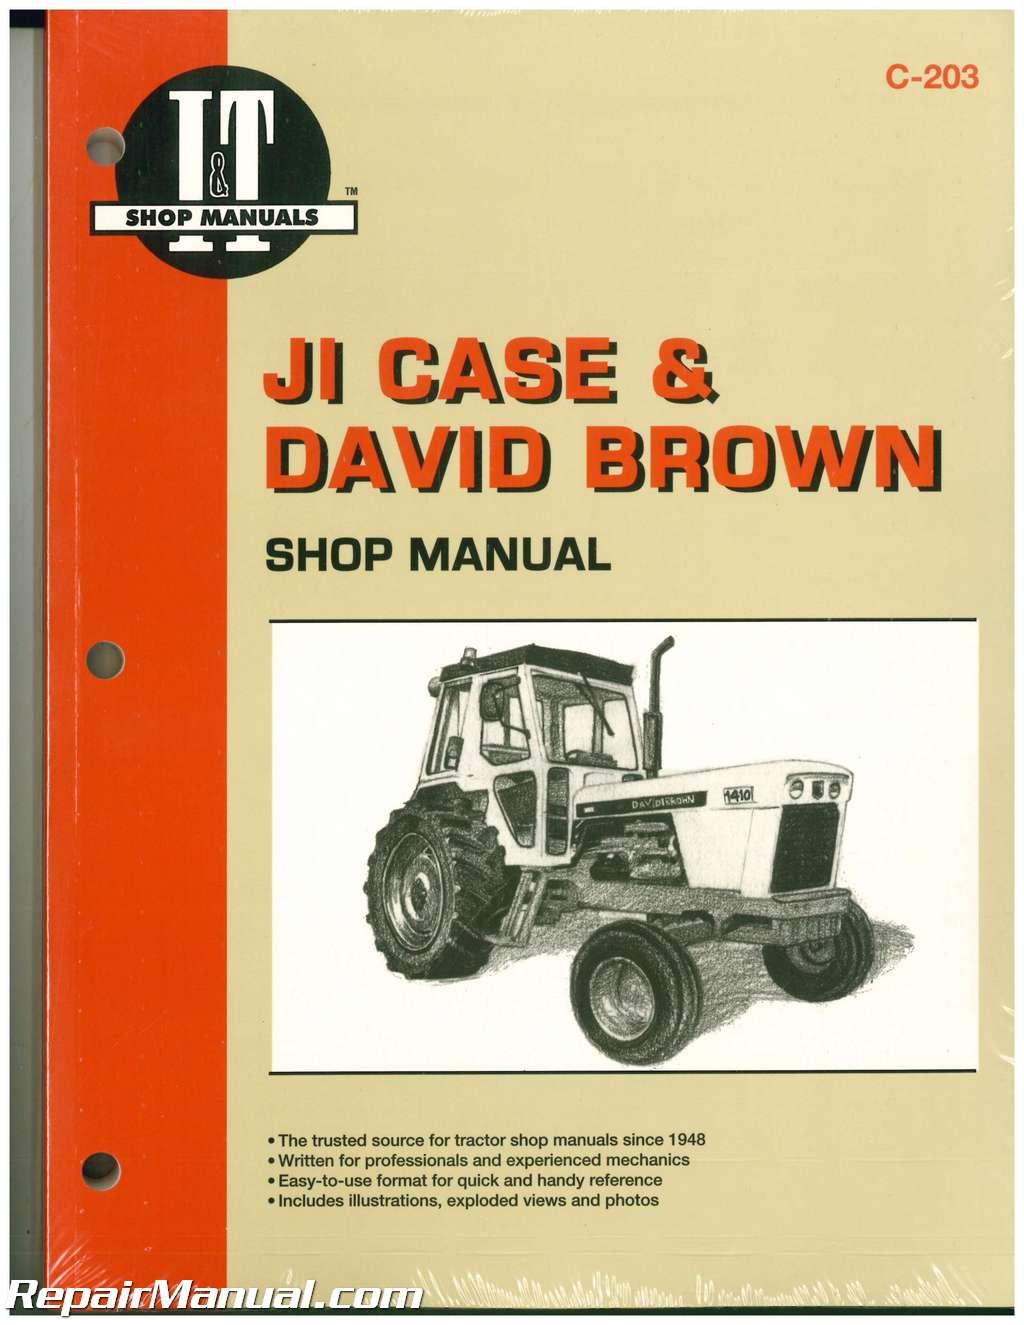 David Brown 990 Tractor Manual